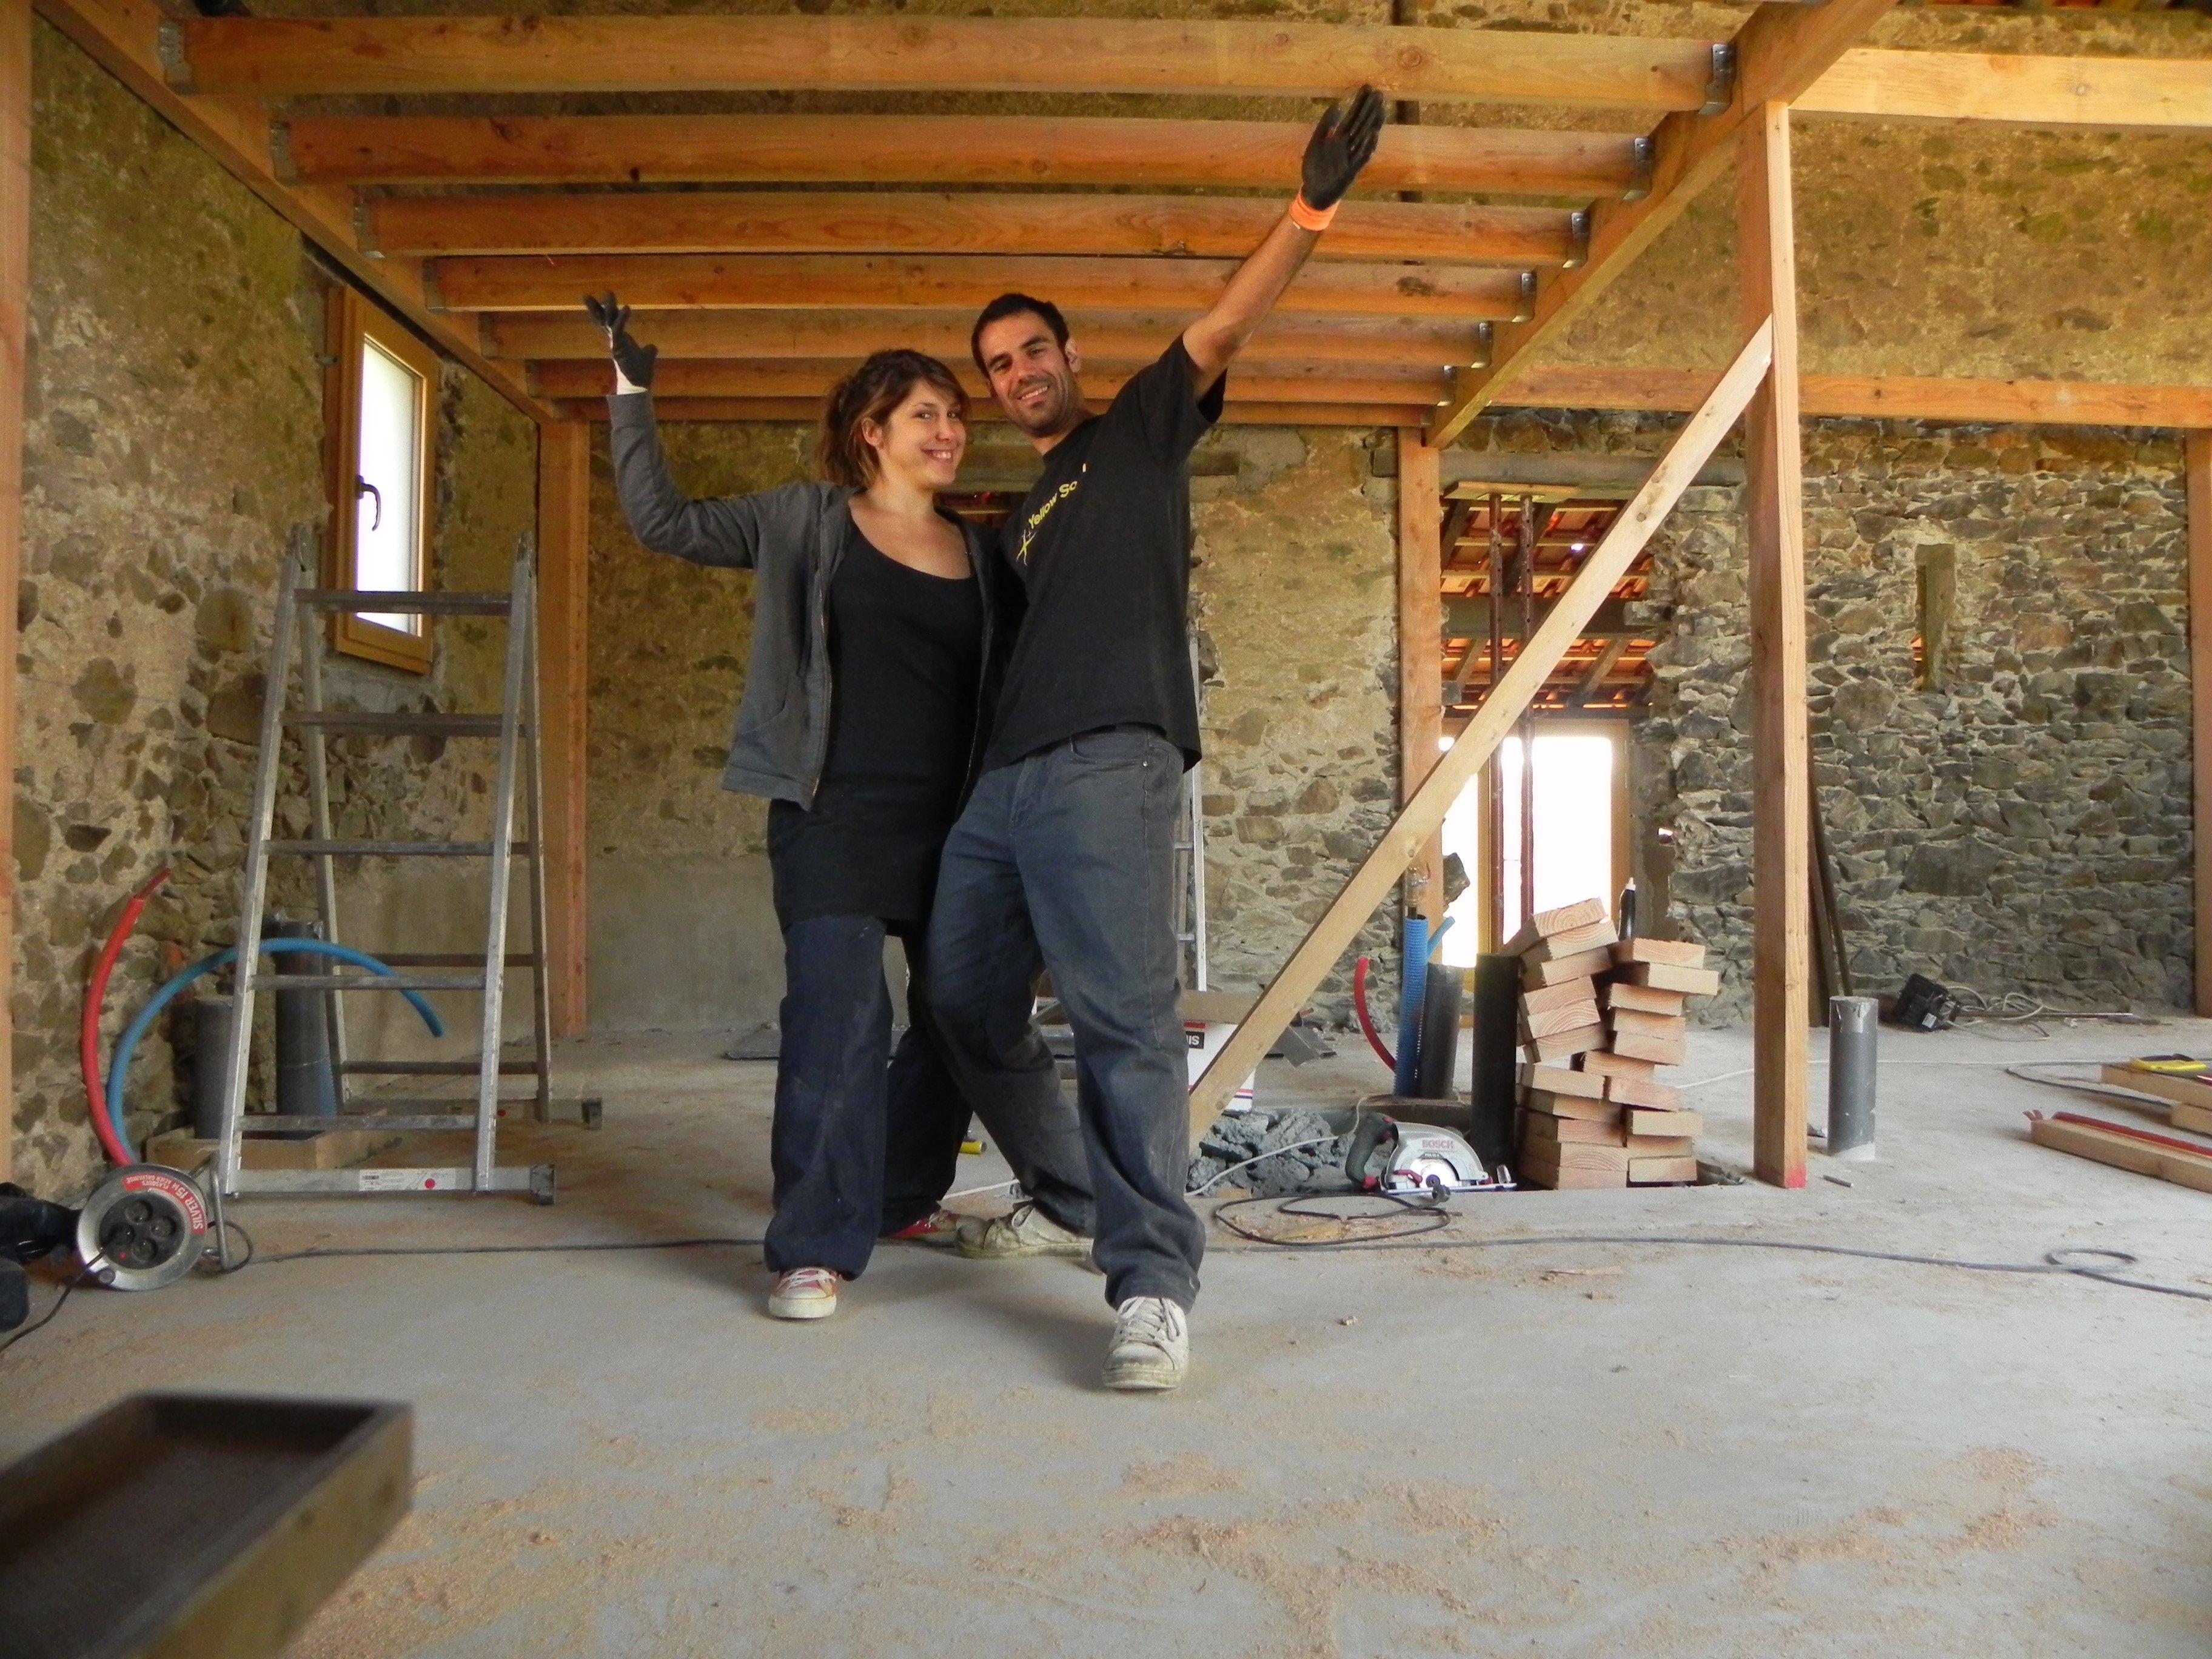 abracadabra et notre grange se transformera en maison oo le plancher de l tage. Black Bedroom Furniture Sets. Home Design Ideas